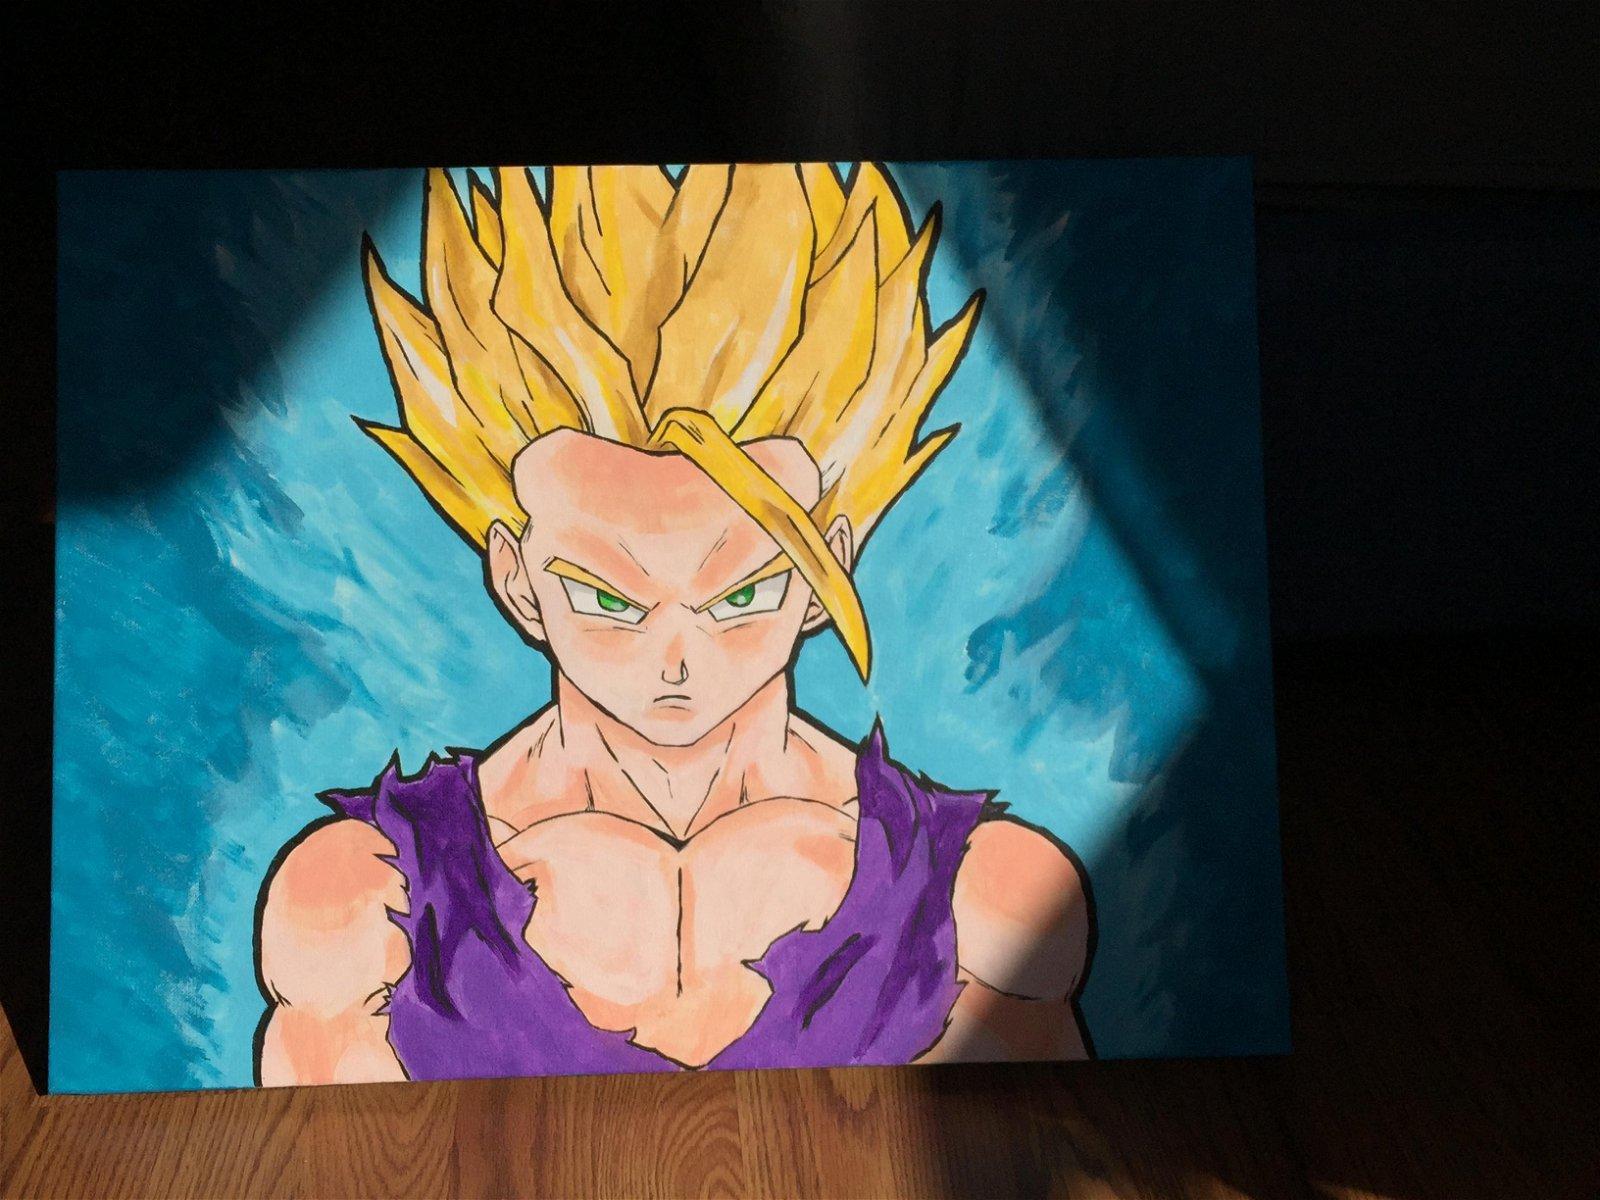 Dragon Ball: Un artista muestra paso a paso un fanart de uno de sus personajes favoritos